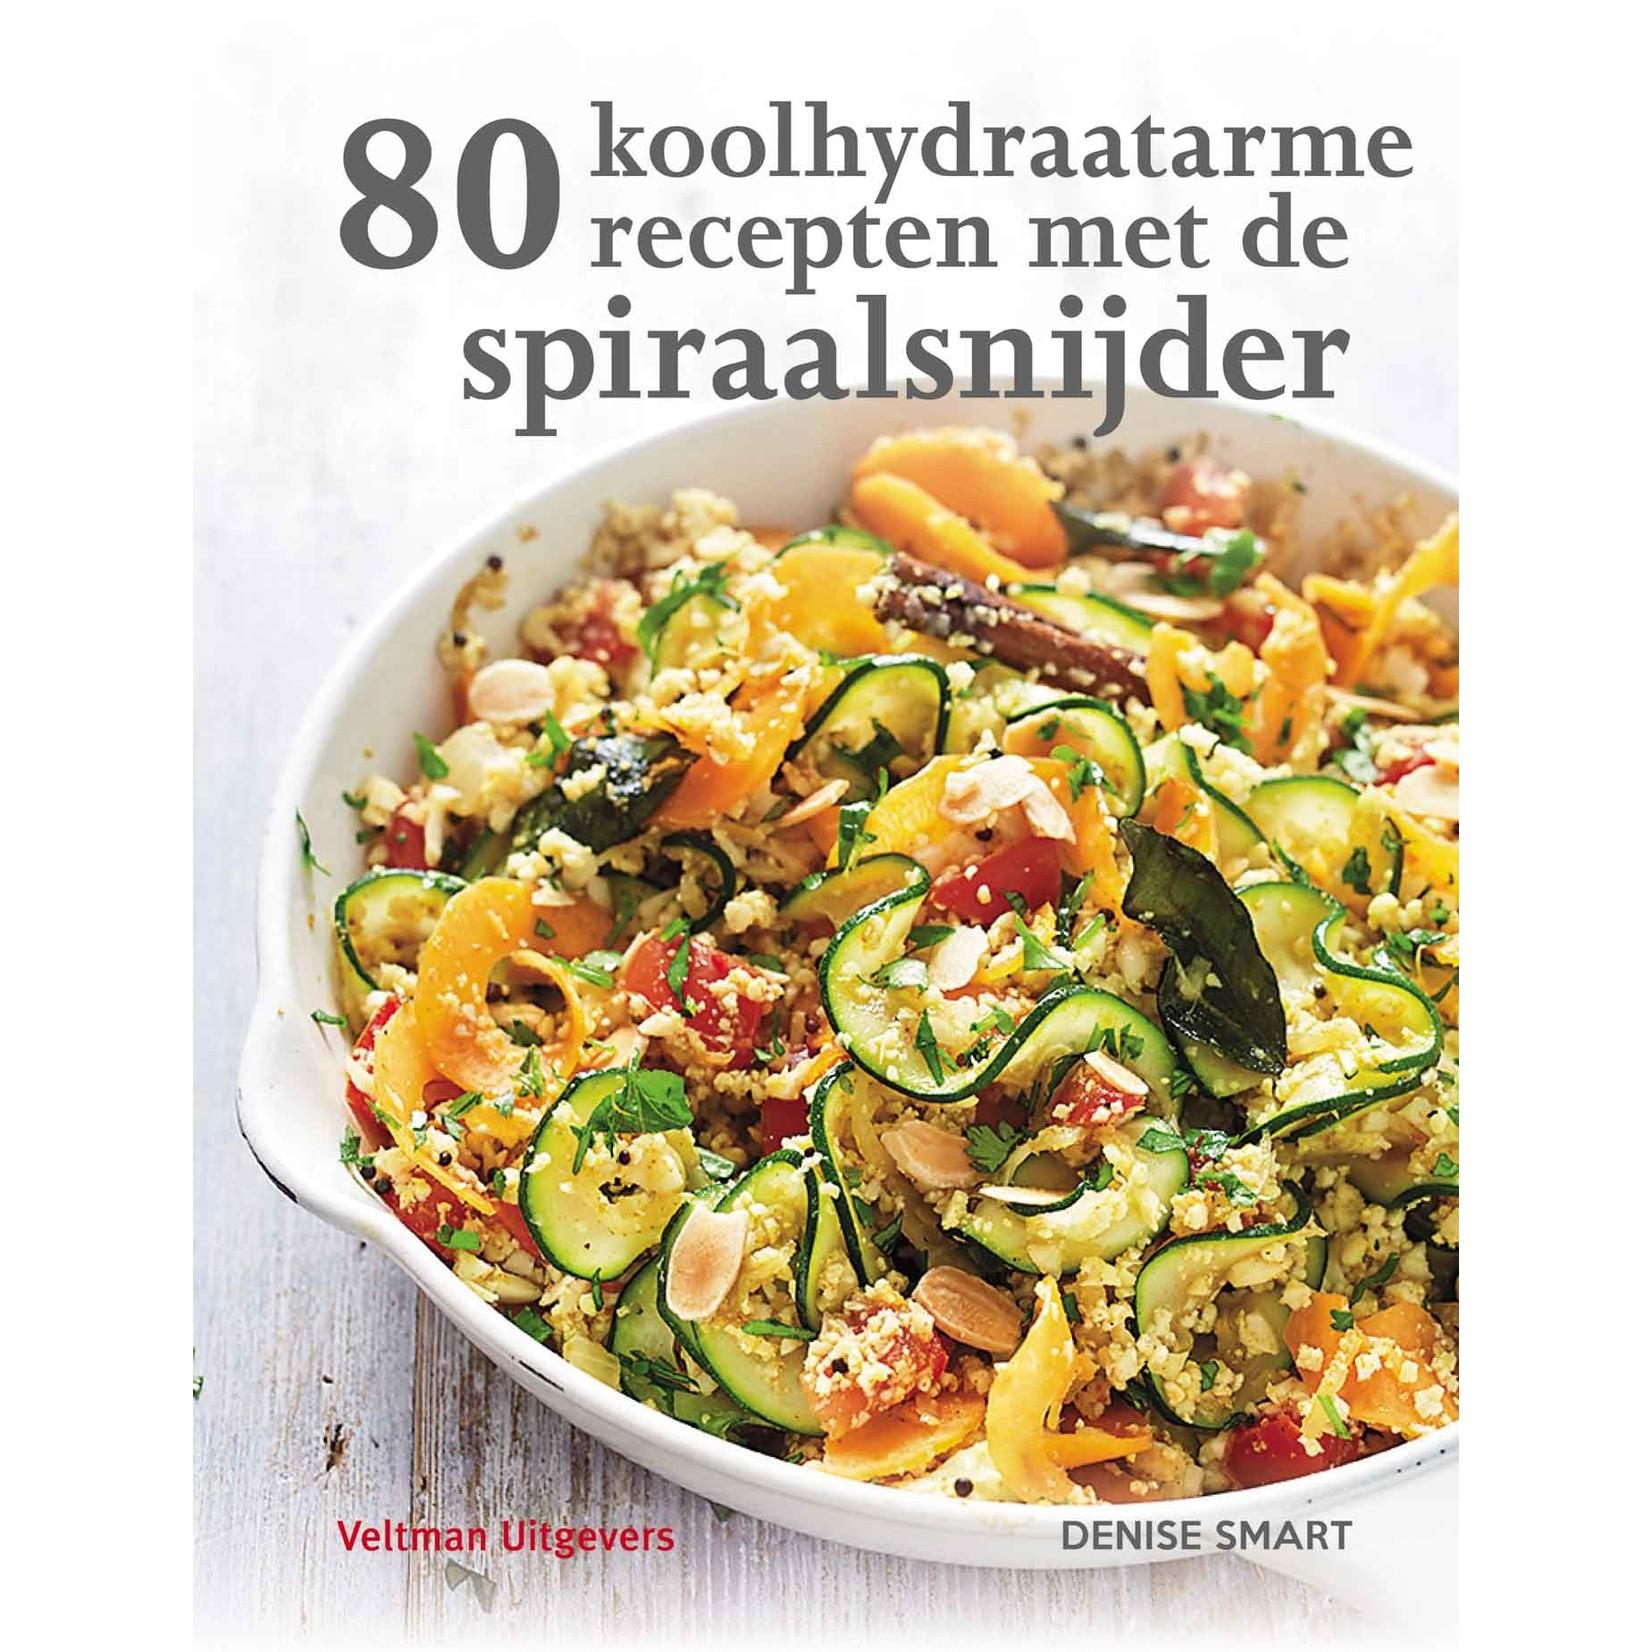 80 koolhydraatarme recepten Spiraalsnijder